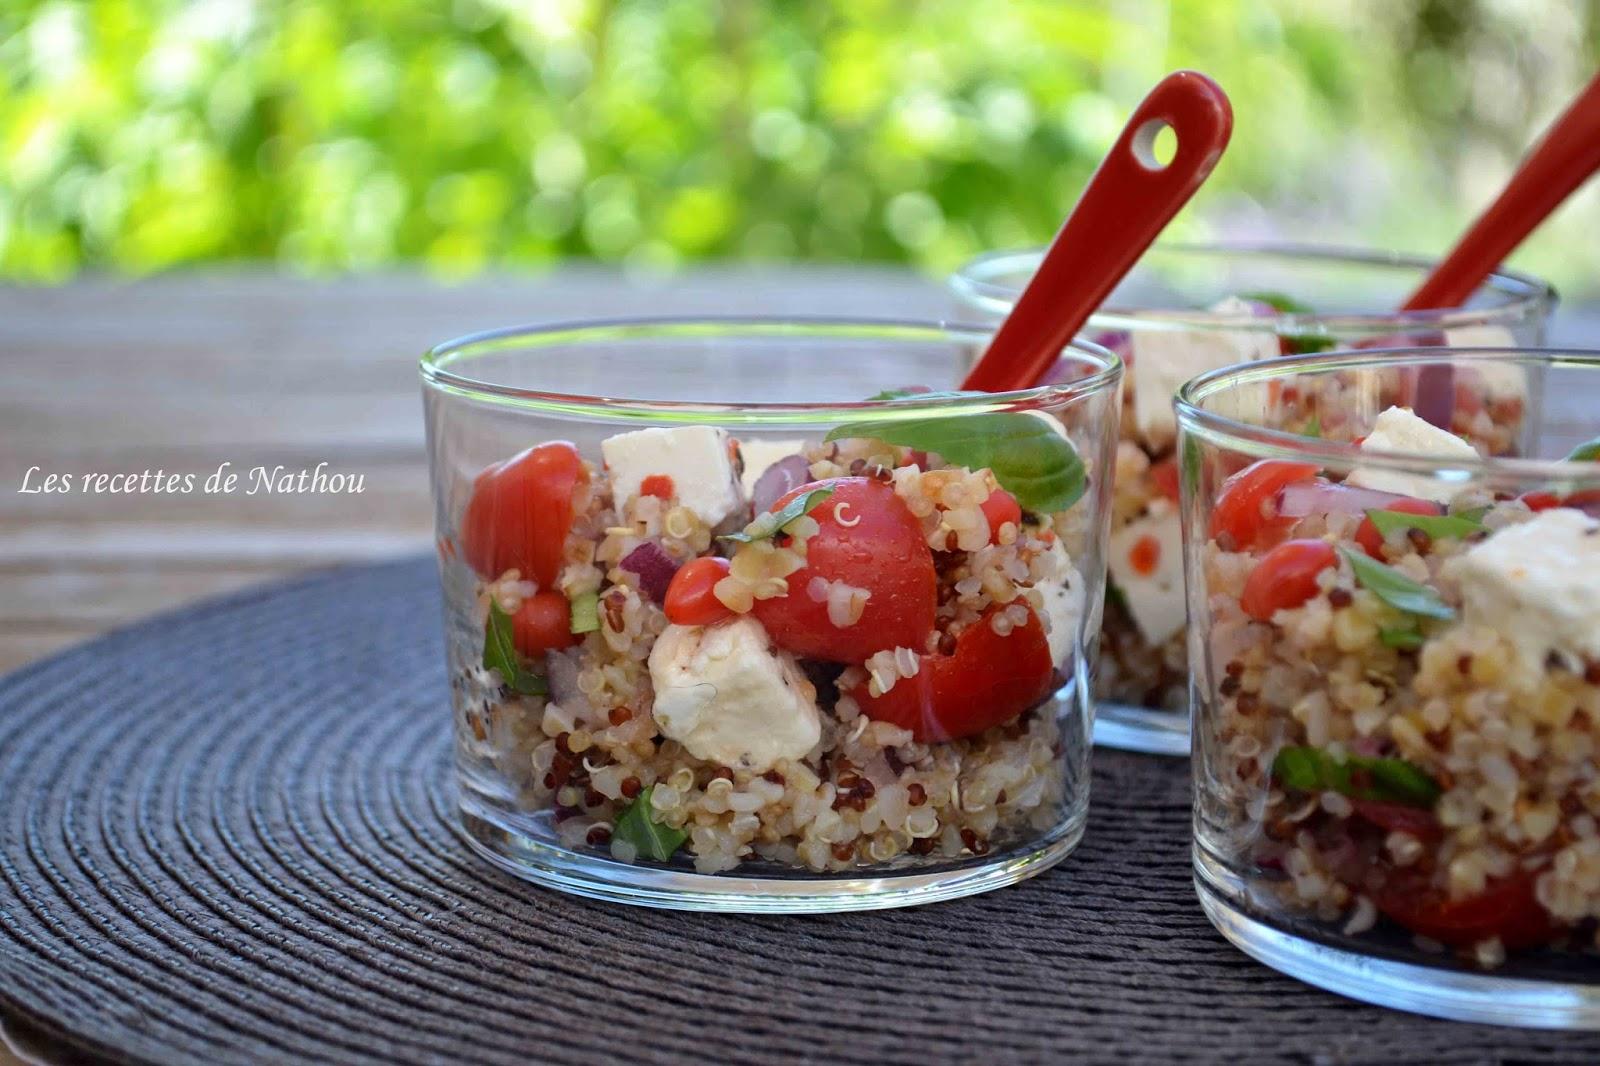 ma cuisine au fil de mes id es salade de quinoa et boulgour aux baies de goji feta oignon. Black Bedroom Furniture Sets. Home Design Ideas